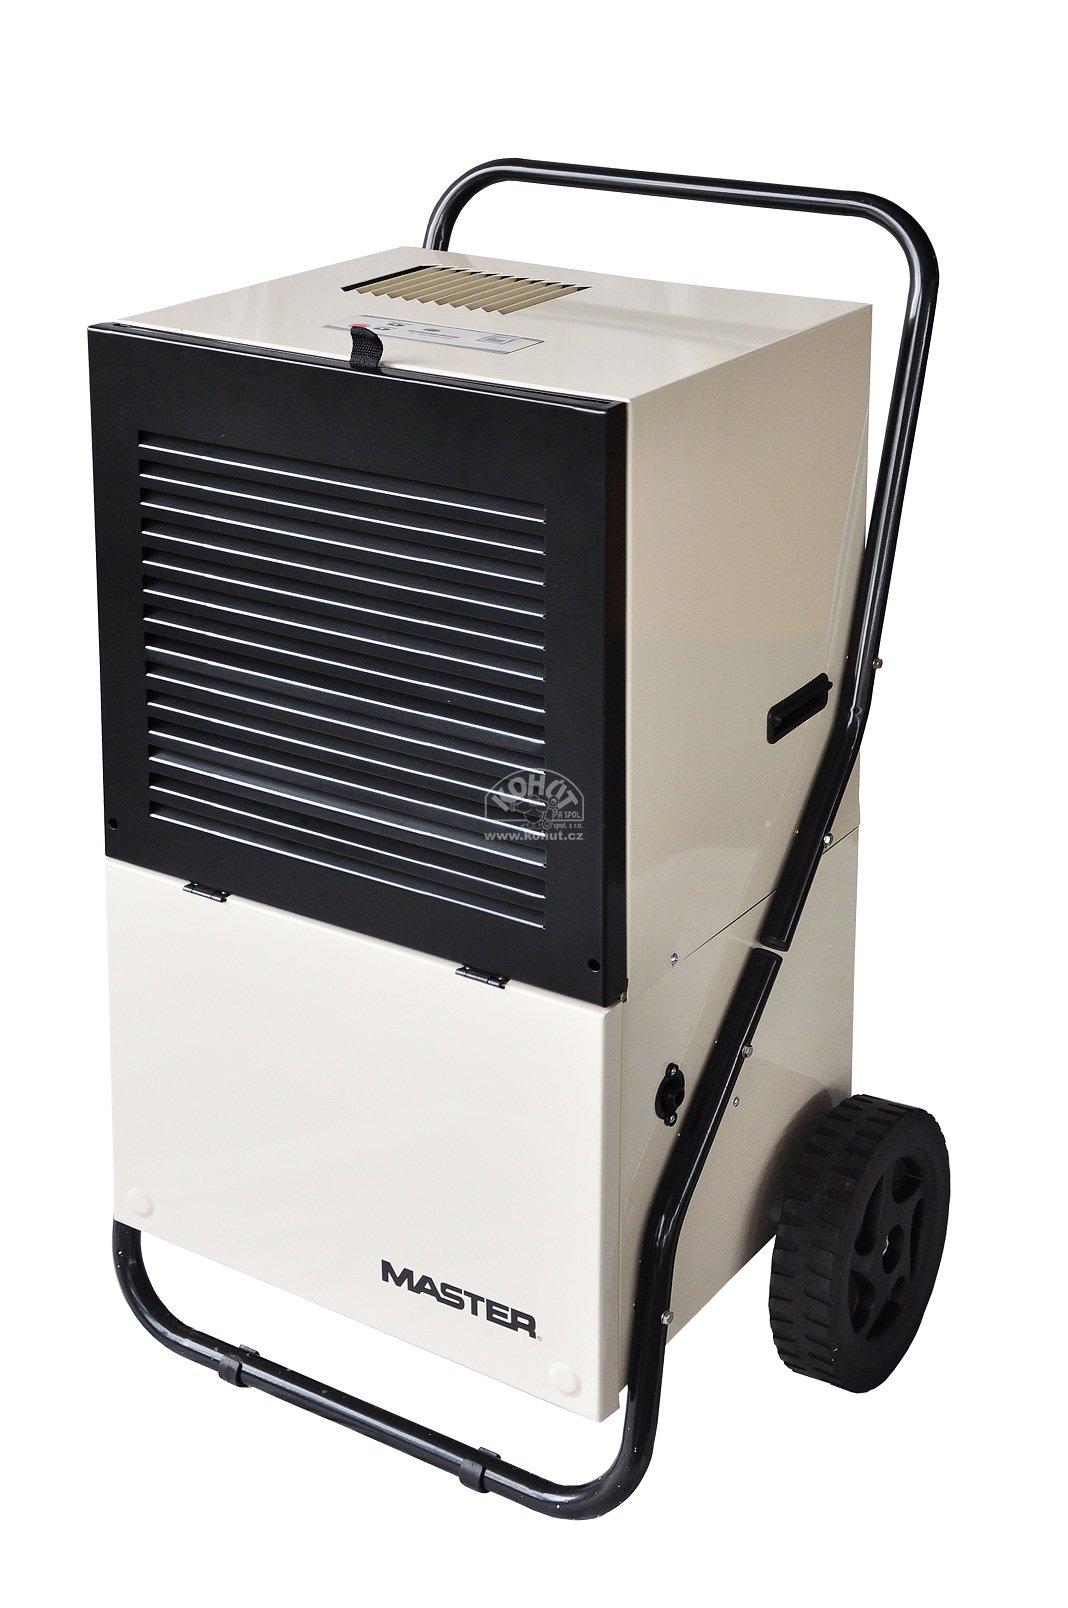 MASTER DH752 odvlhčovač vzduchu